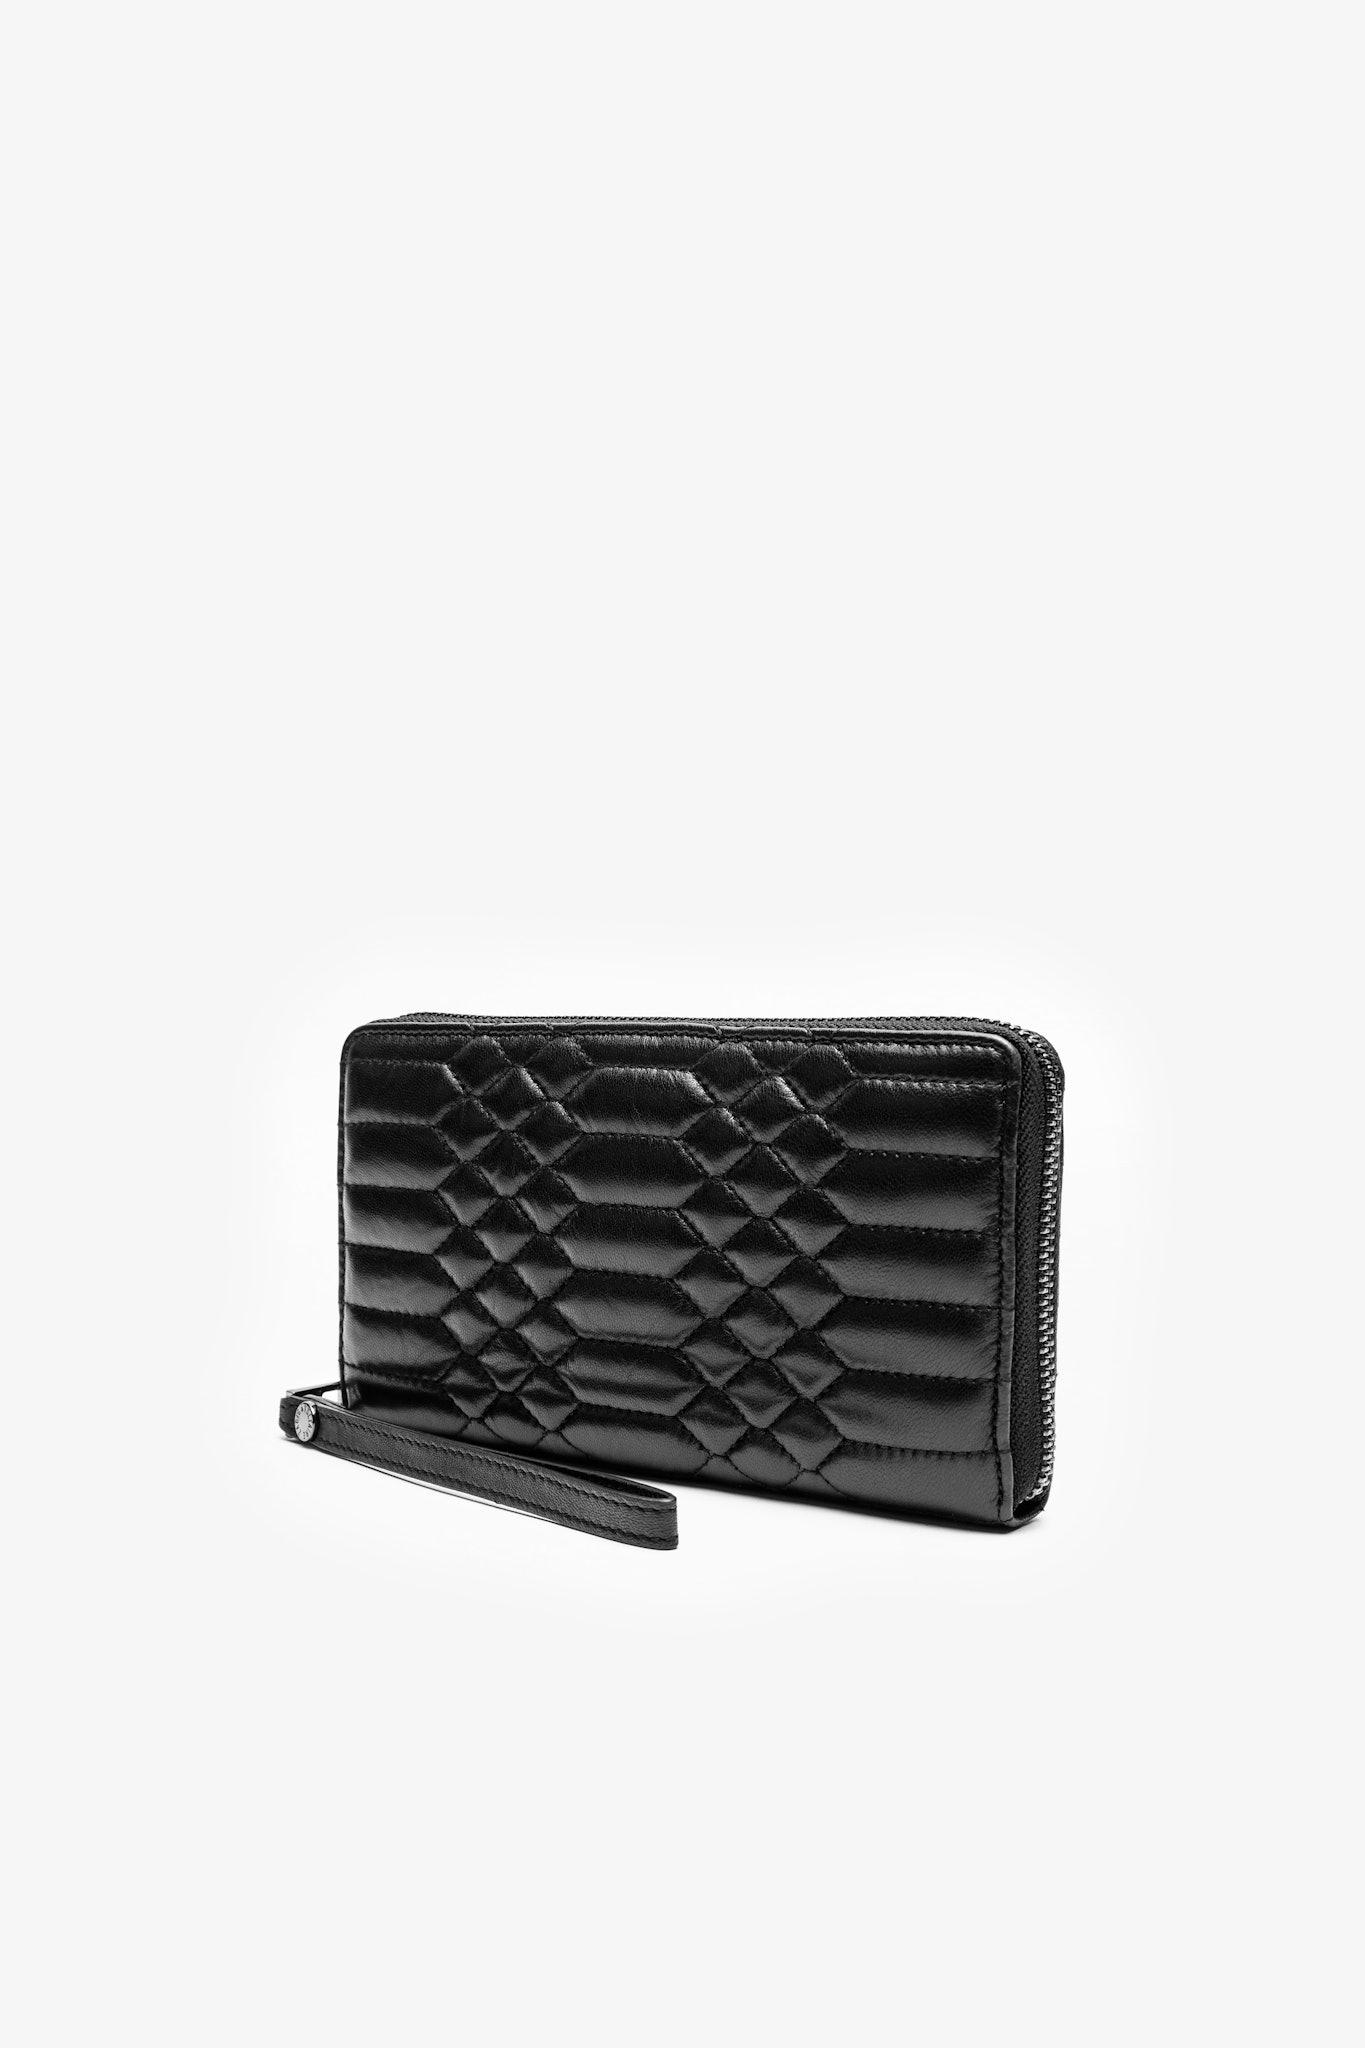 Compagnon Matelasse Wallet